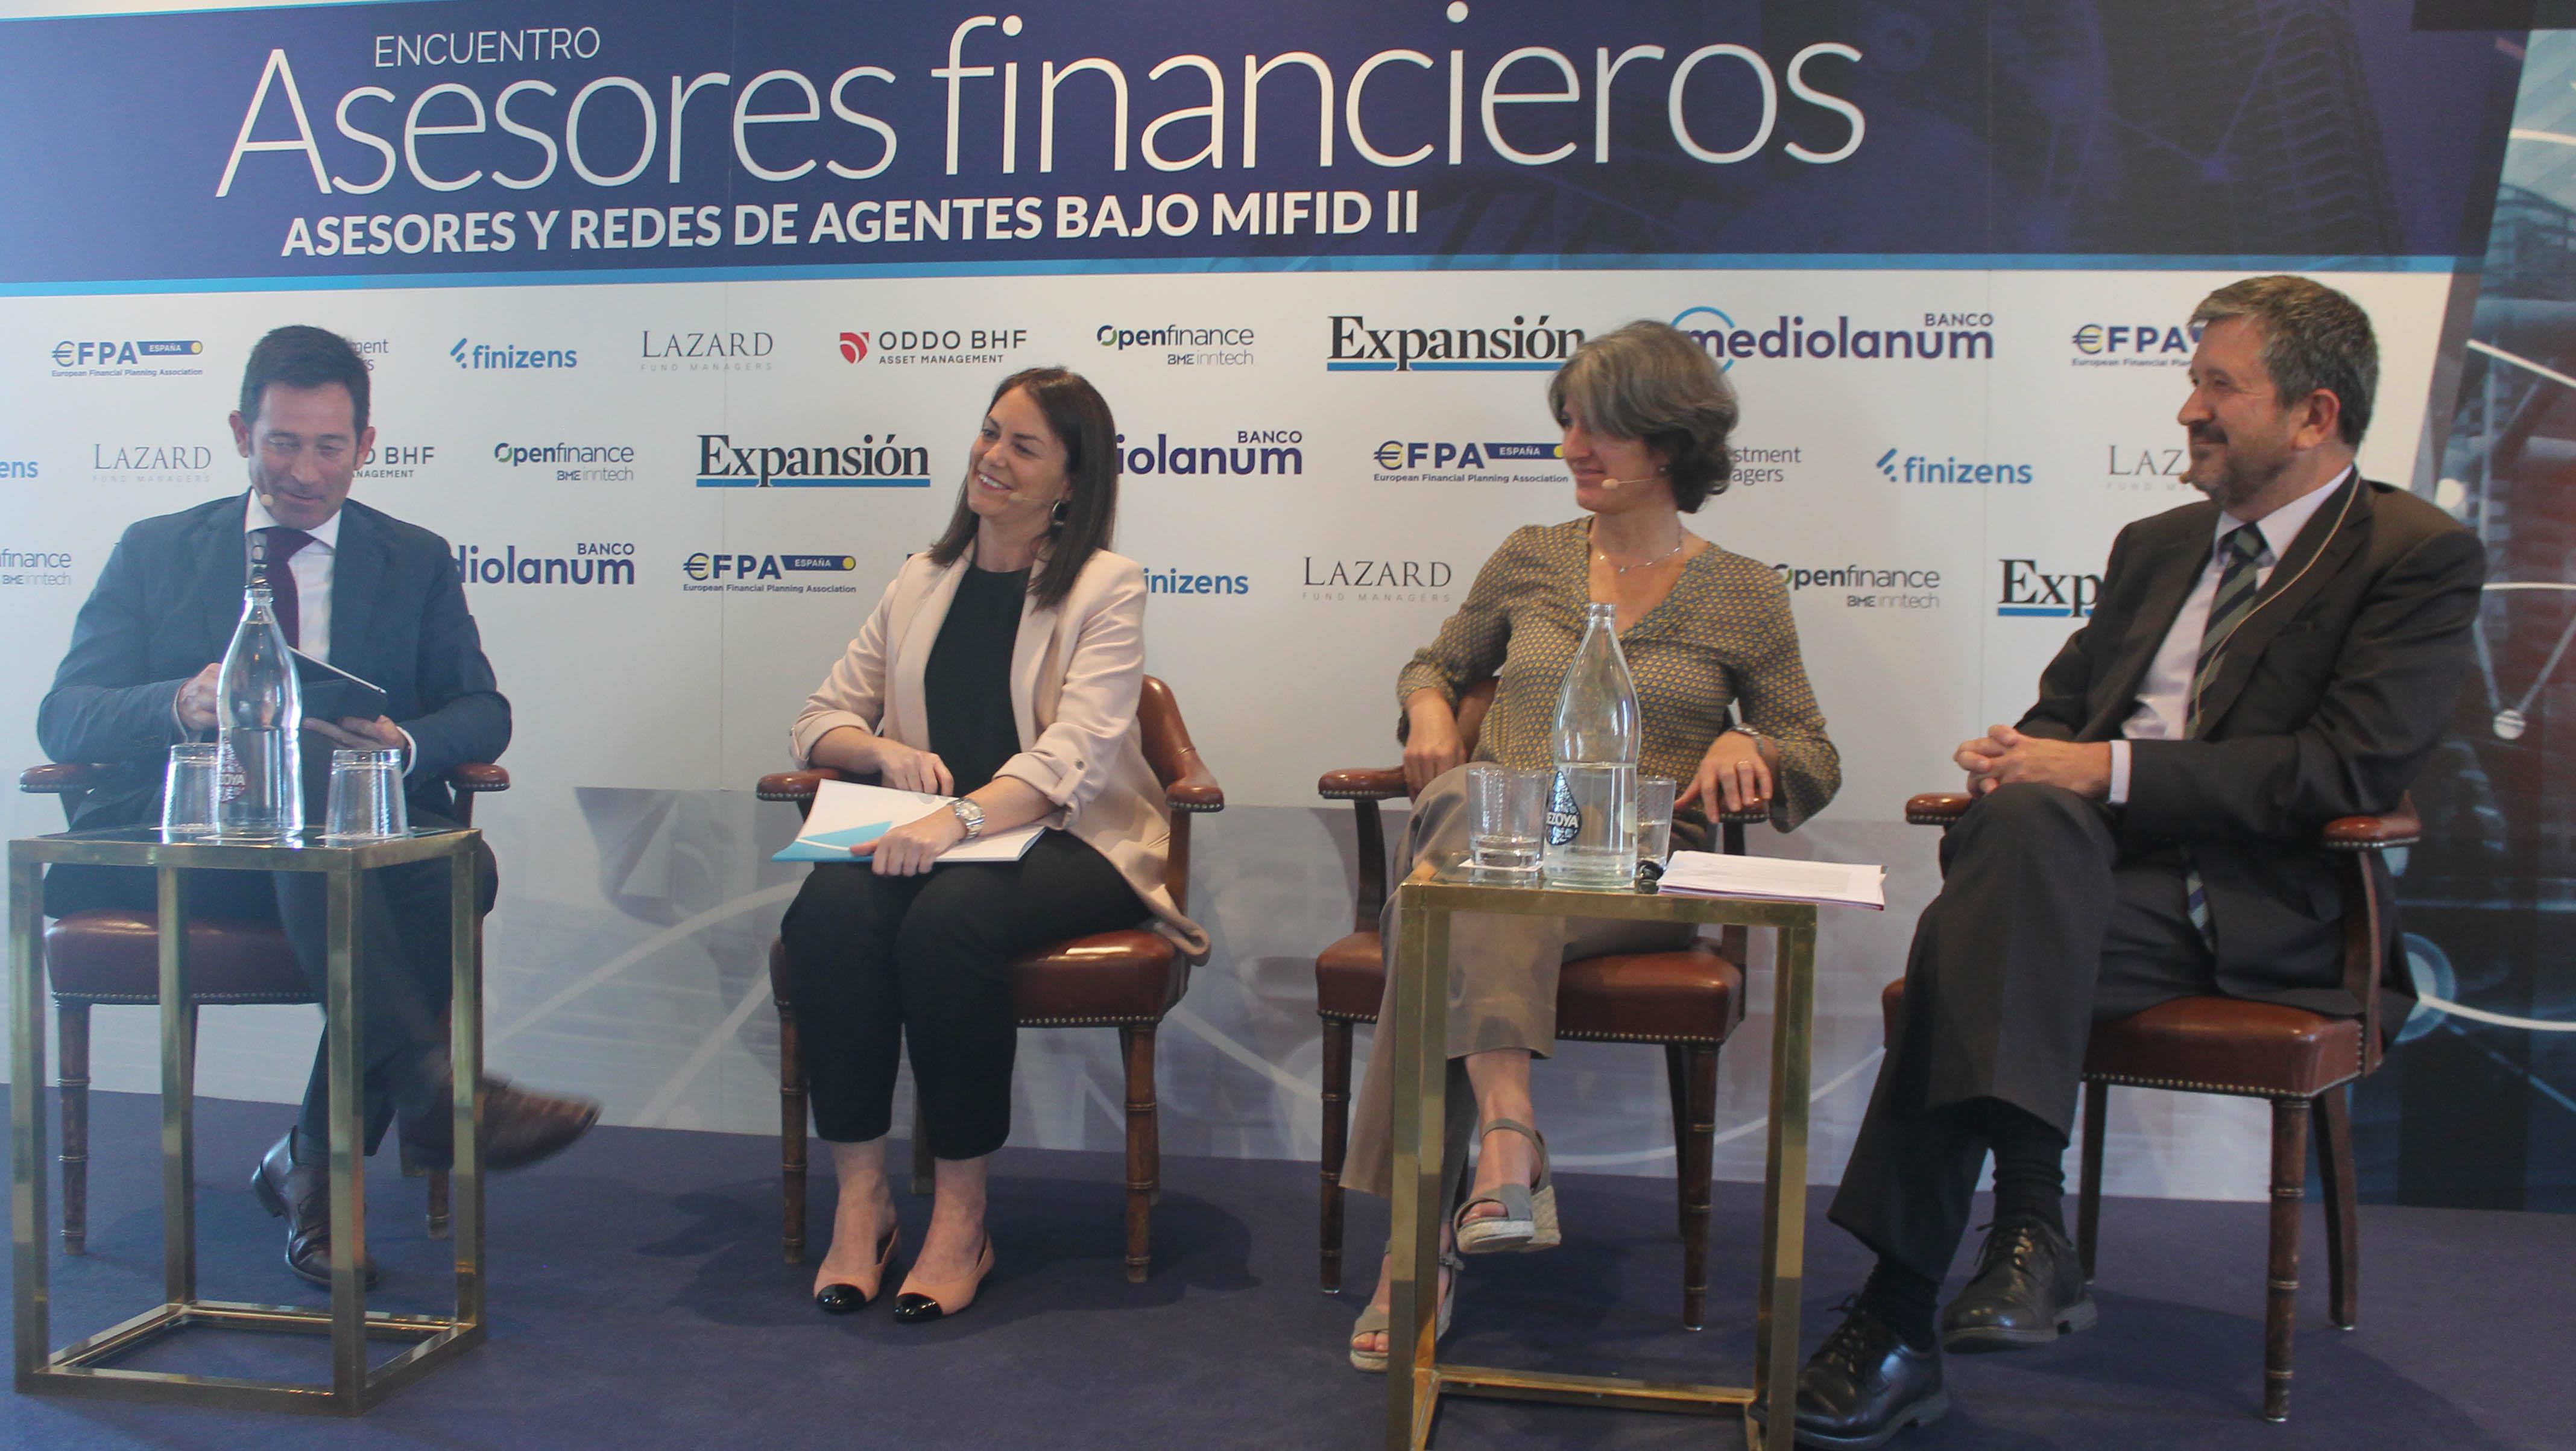 Encuentro Asesores Financieros 1 MiFID II: de vender a prestar servicios en interés de cliente